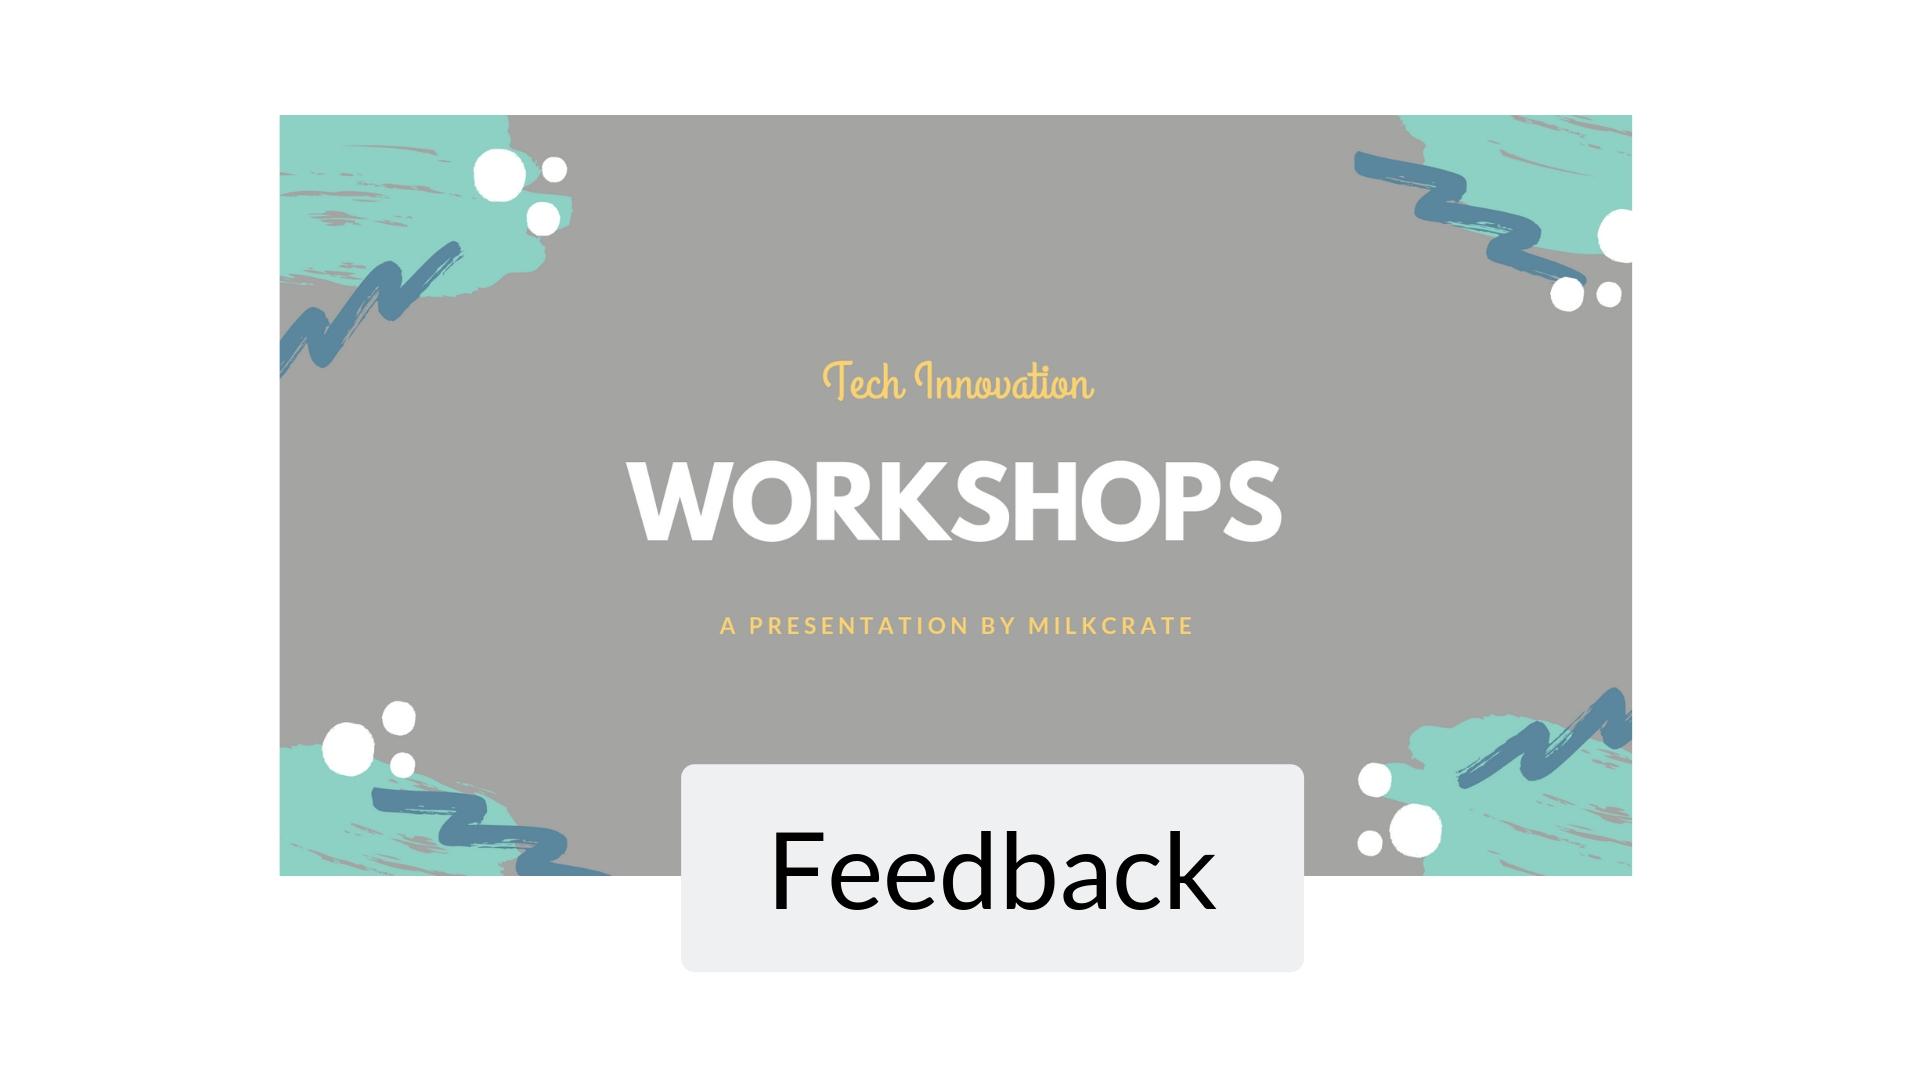 Workshop Feedback Image.jpg